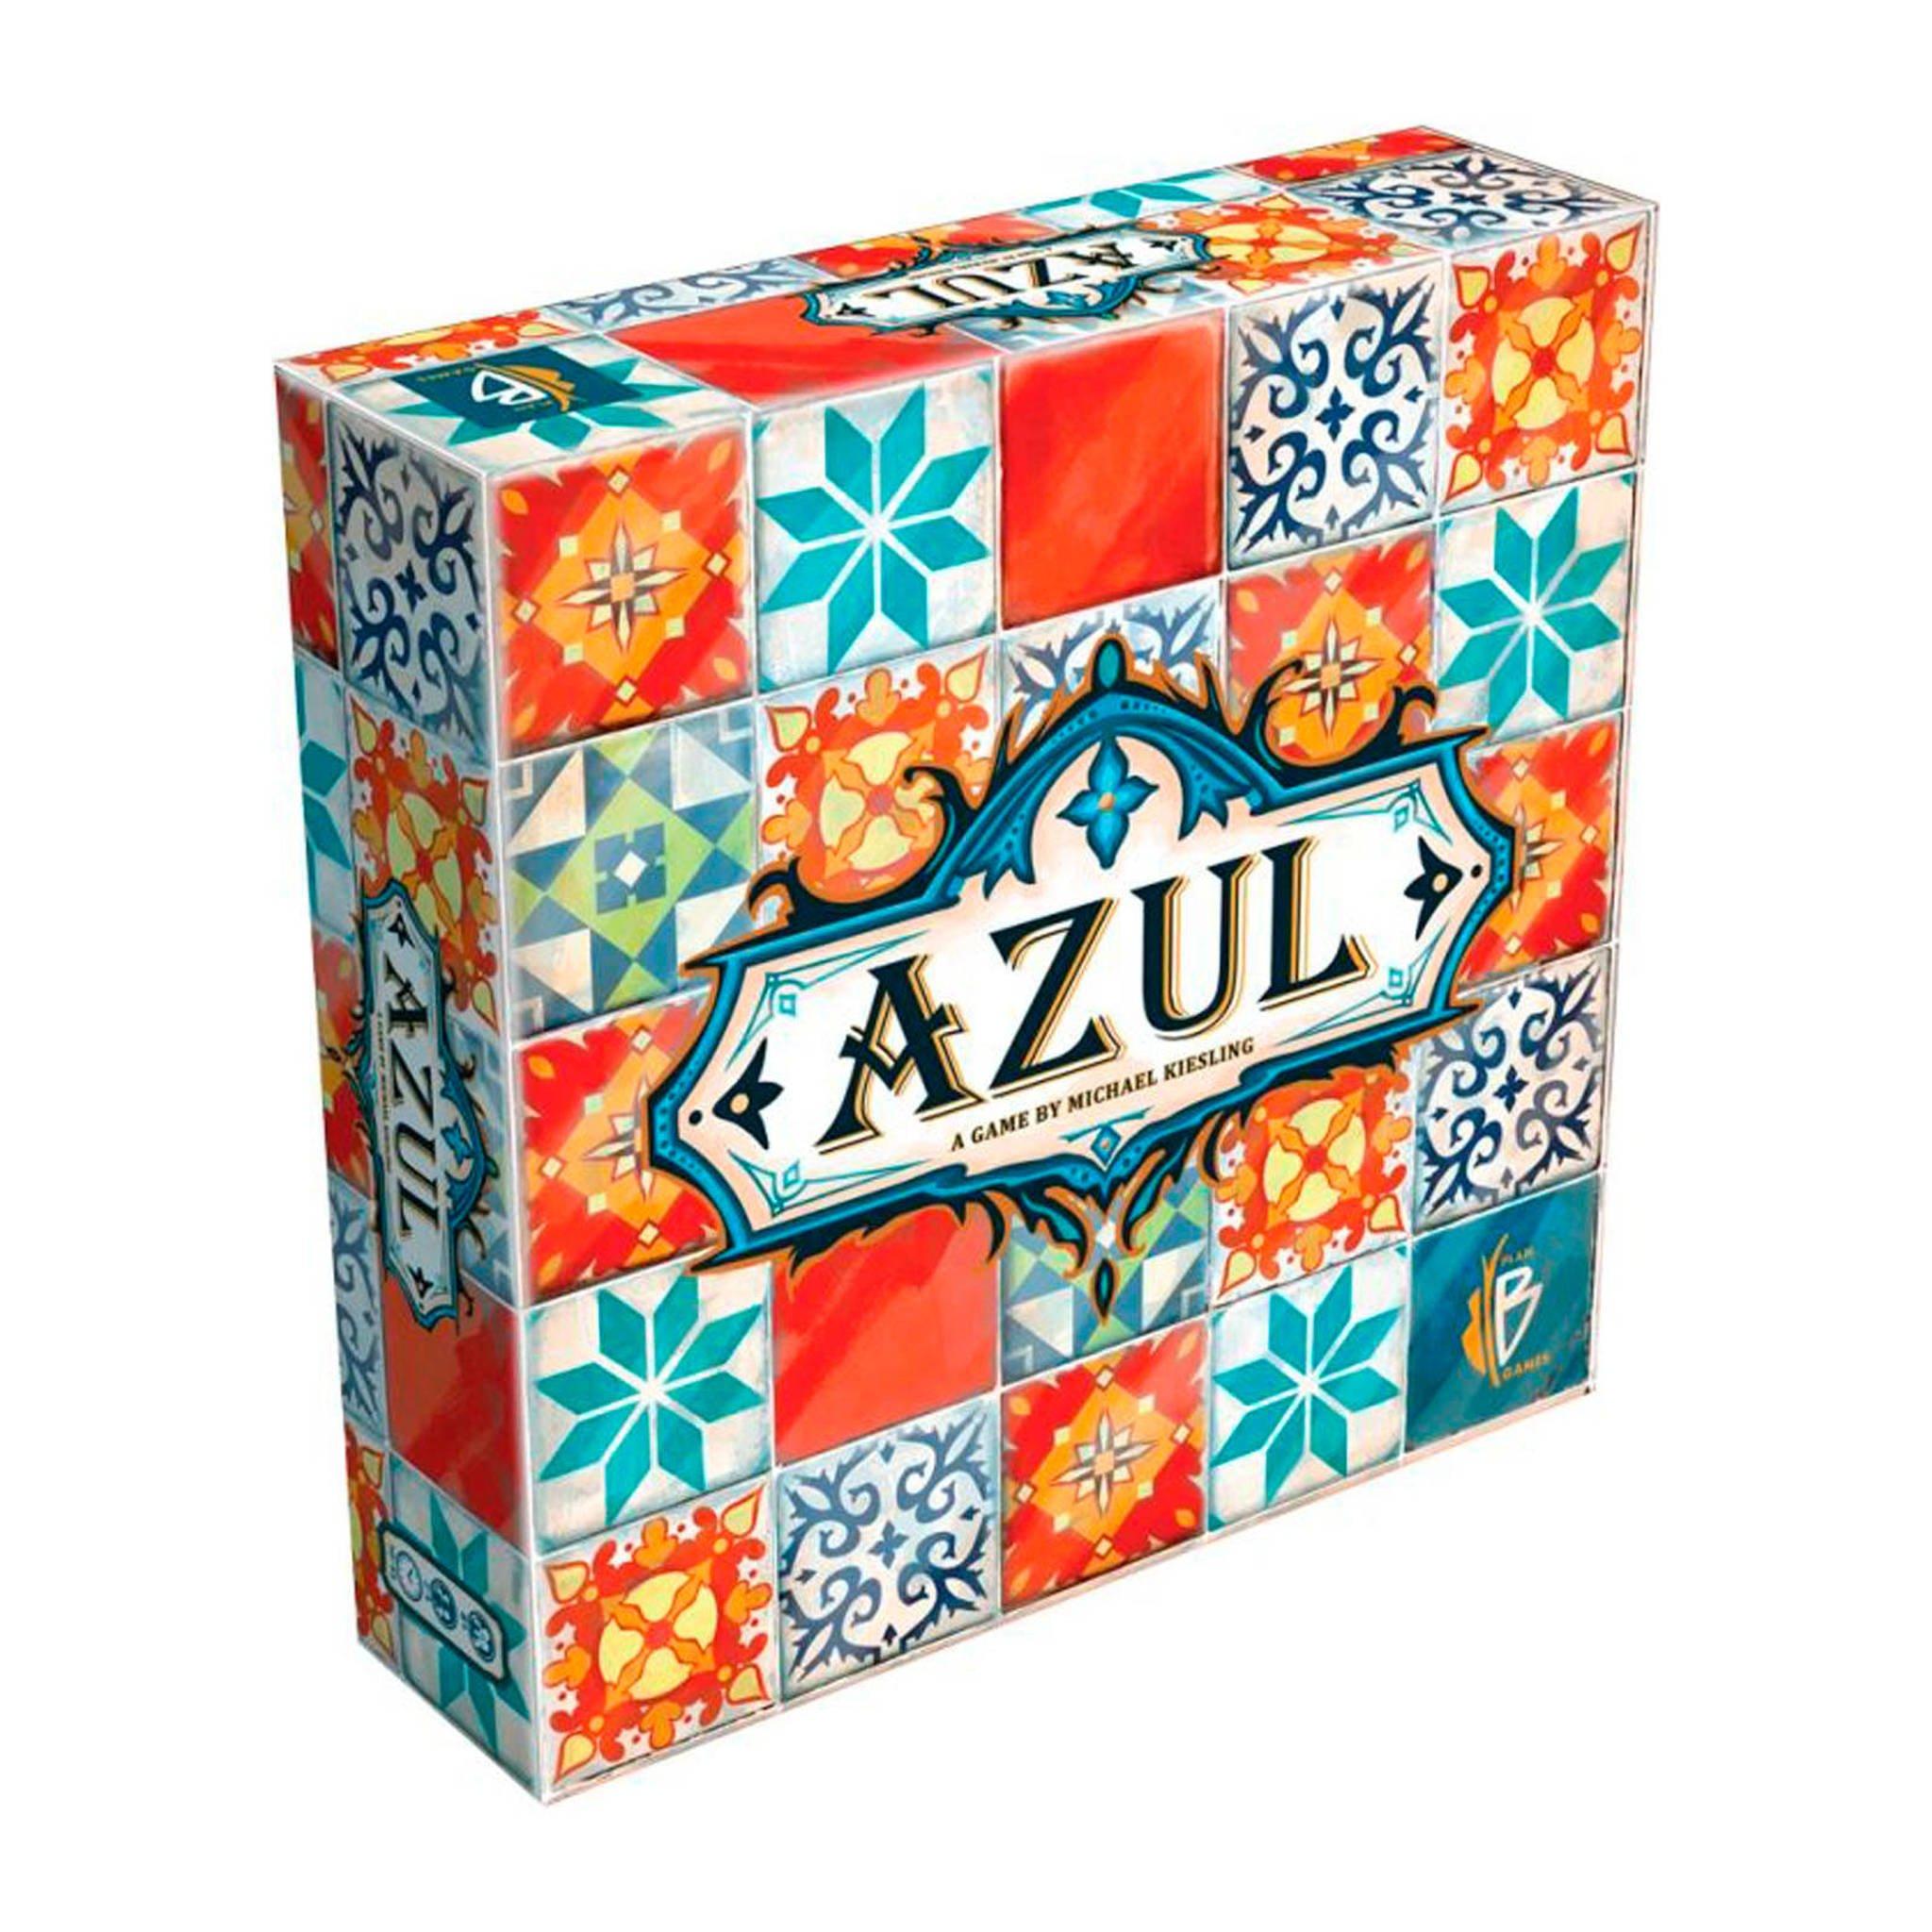 Gratis uitbreiding bij aankoop van Azul